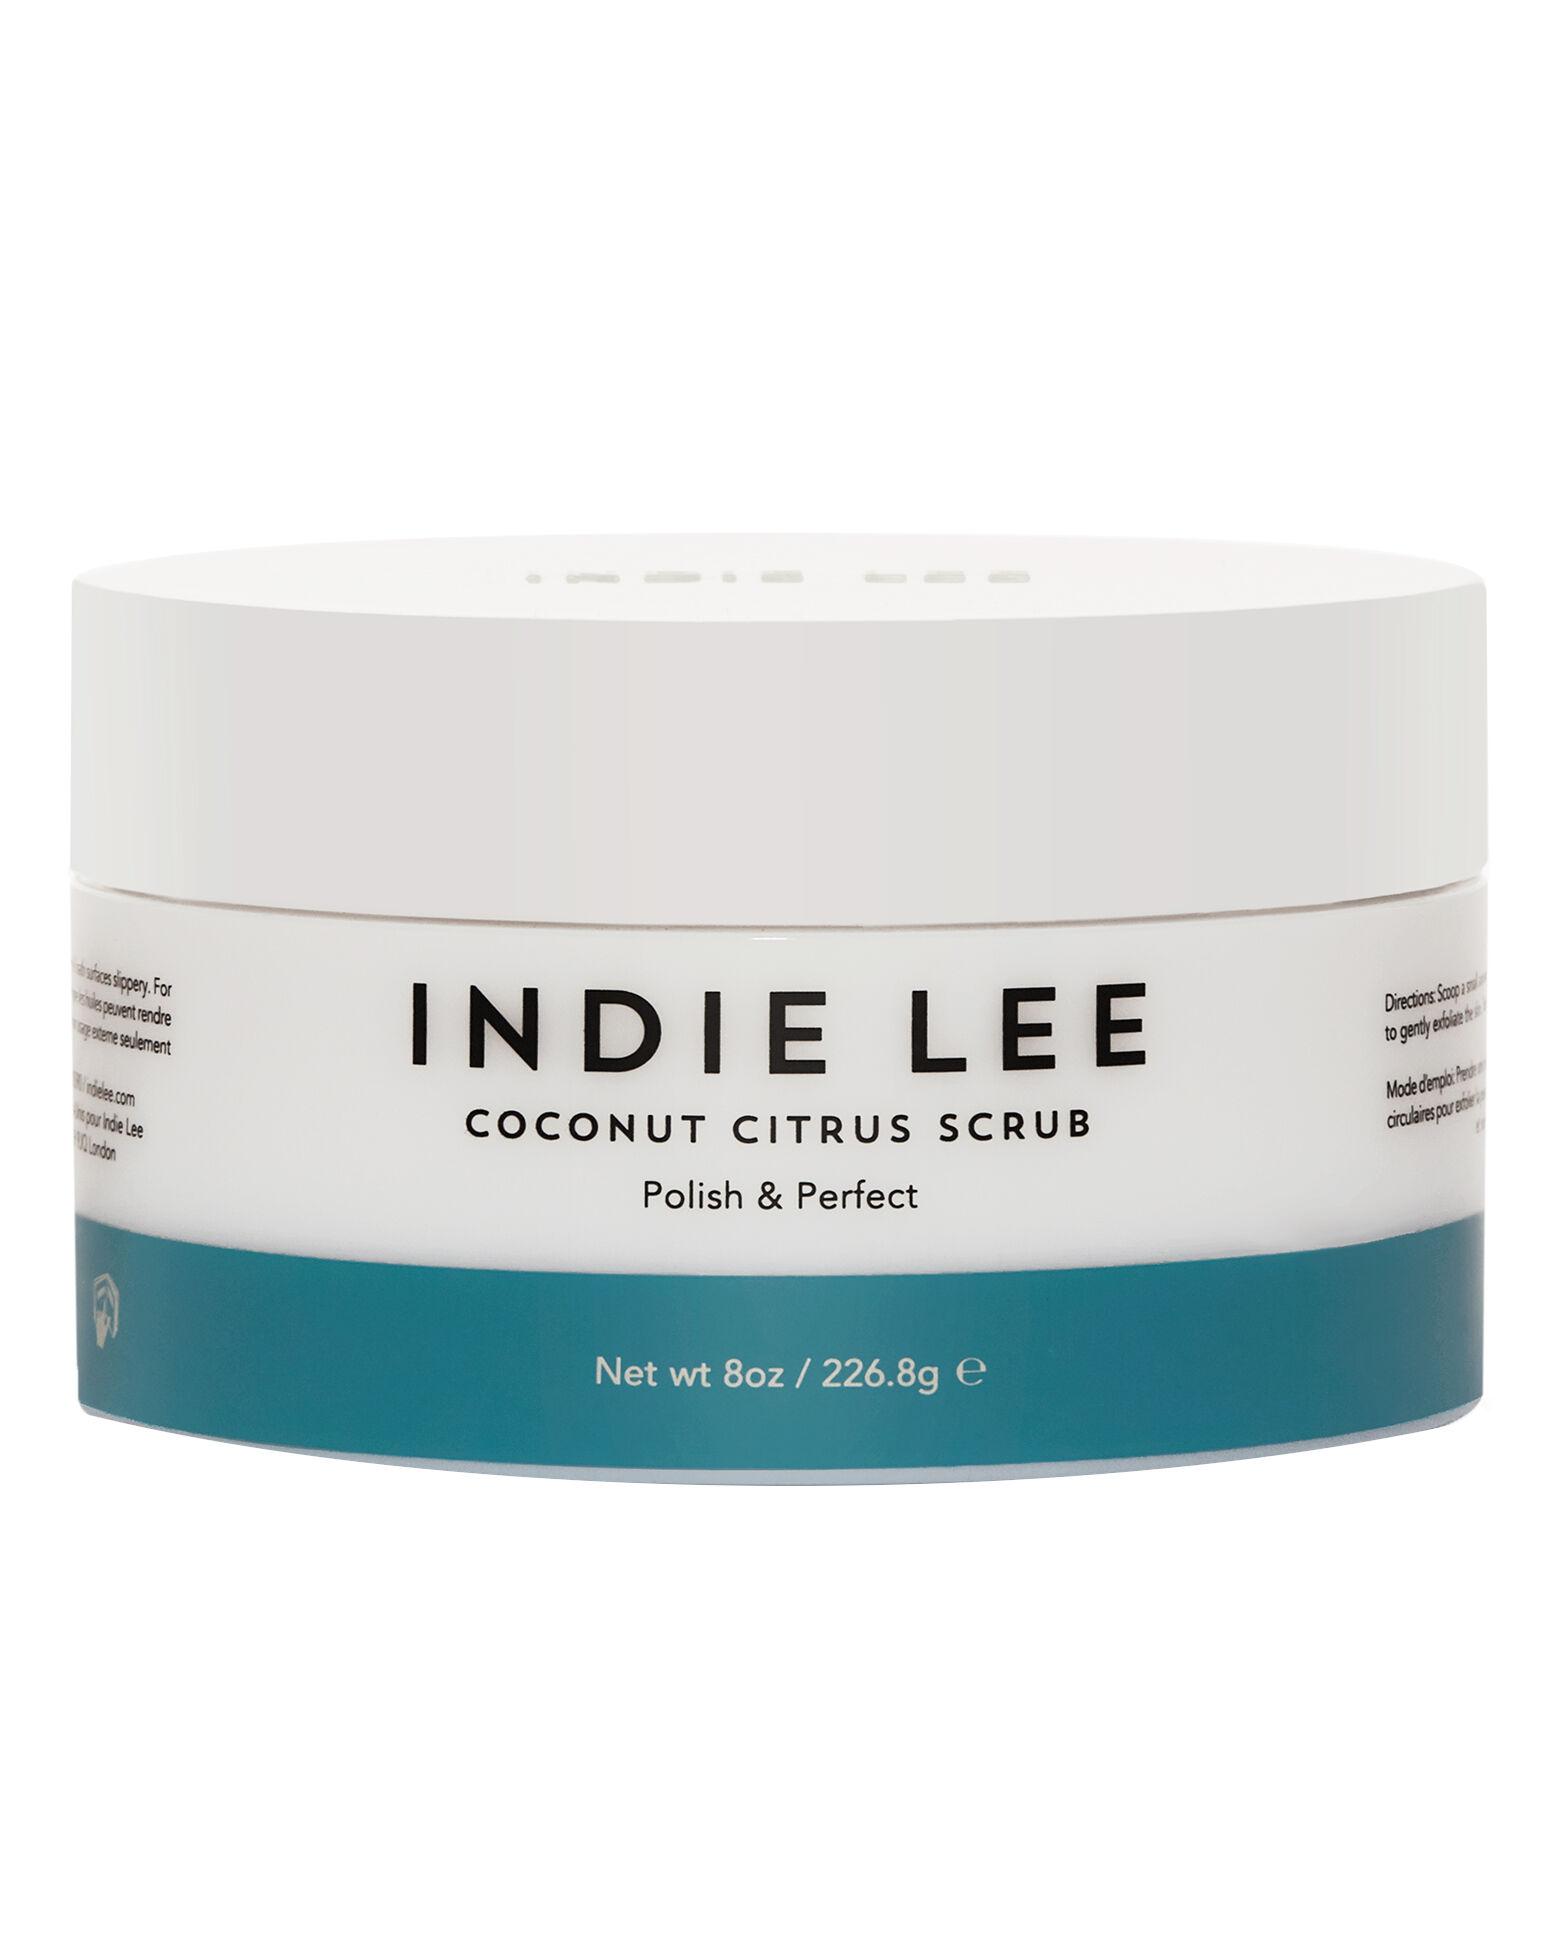 Indie Lee - Coconut Citrus Scrub